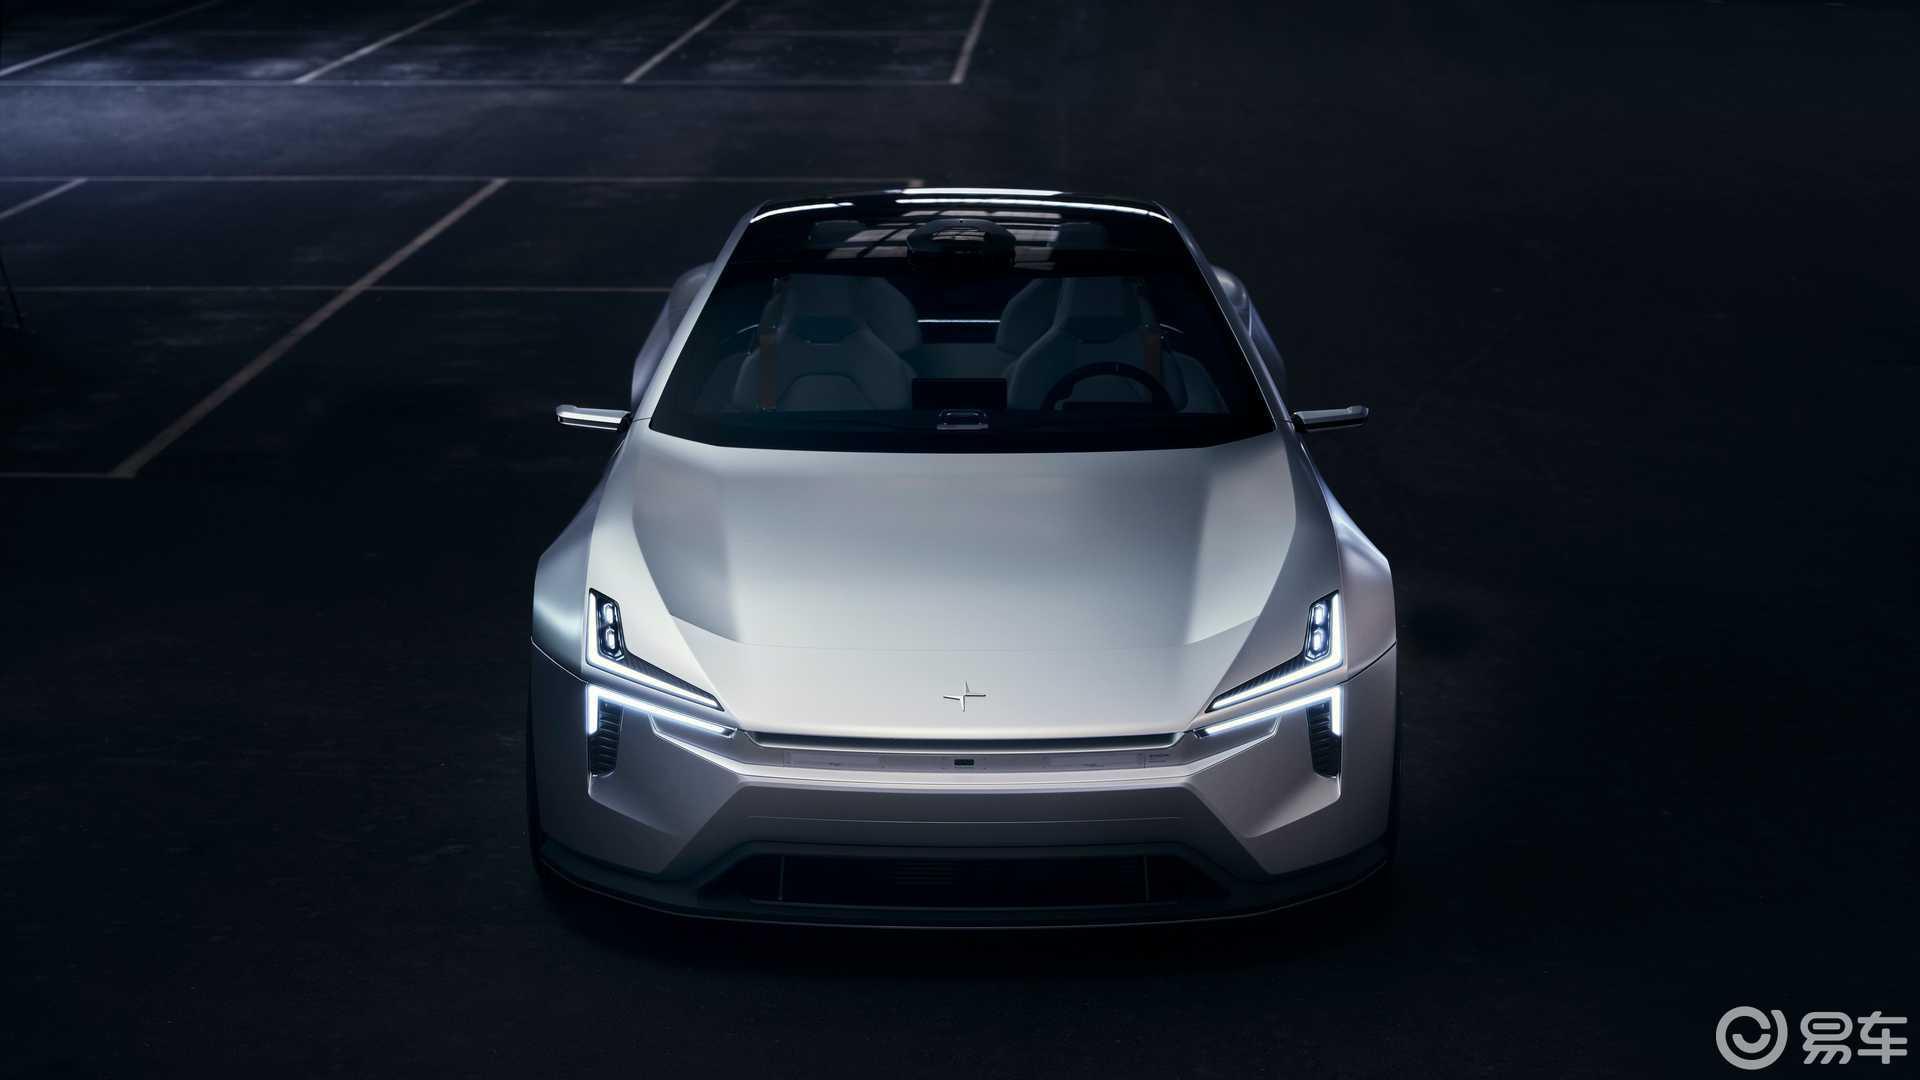 极星首款SUV车型Polestar 3将于明年亮相